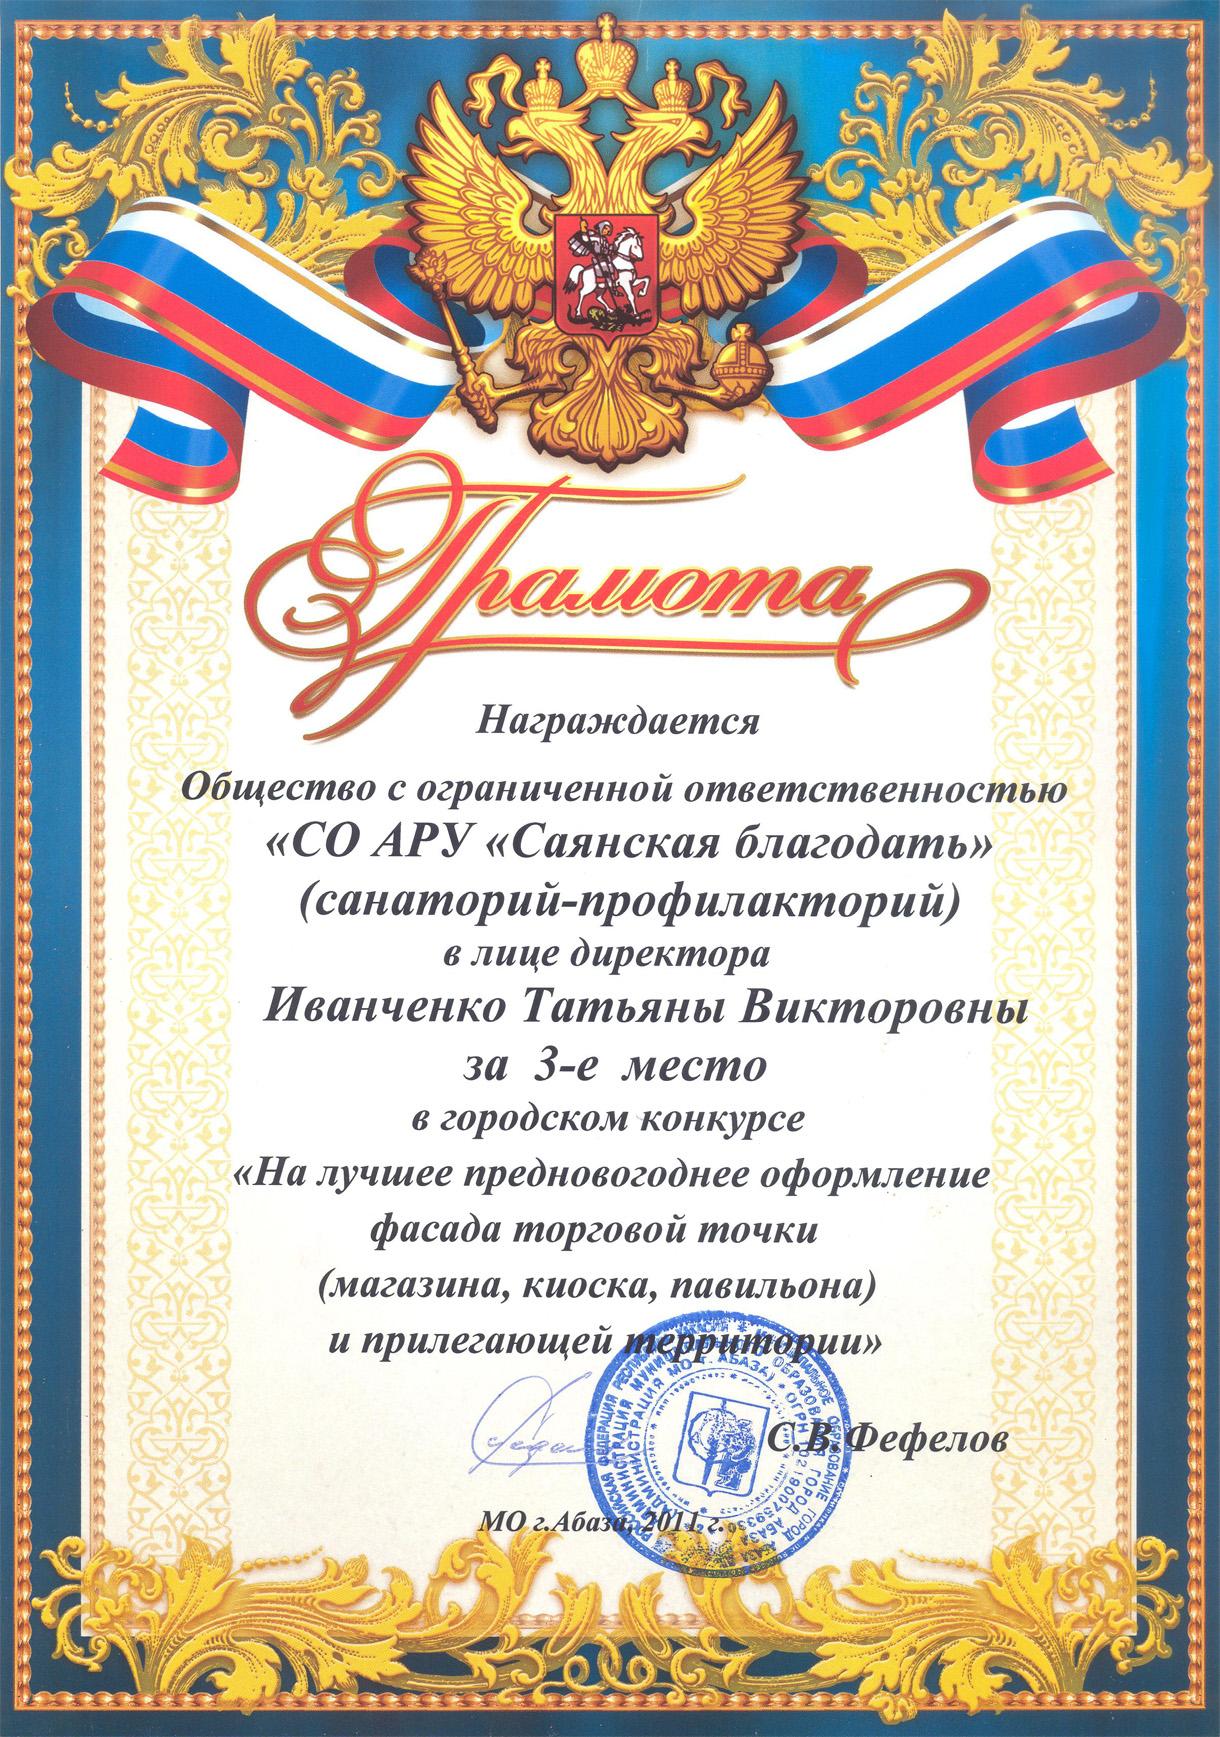 Саянская Благодать Документы и награды Диплом начальнику